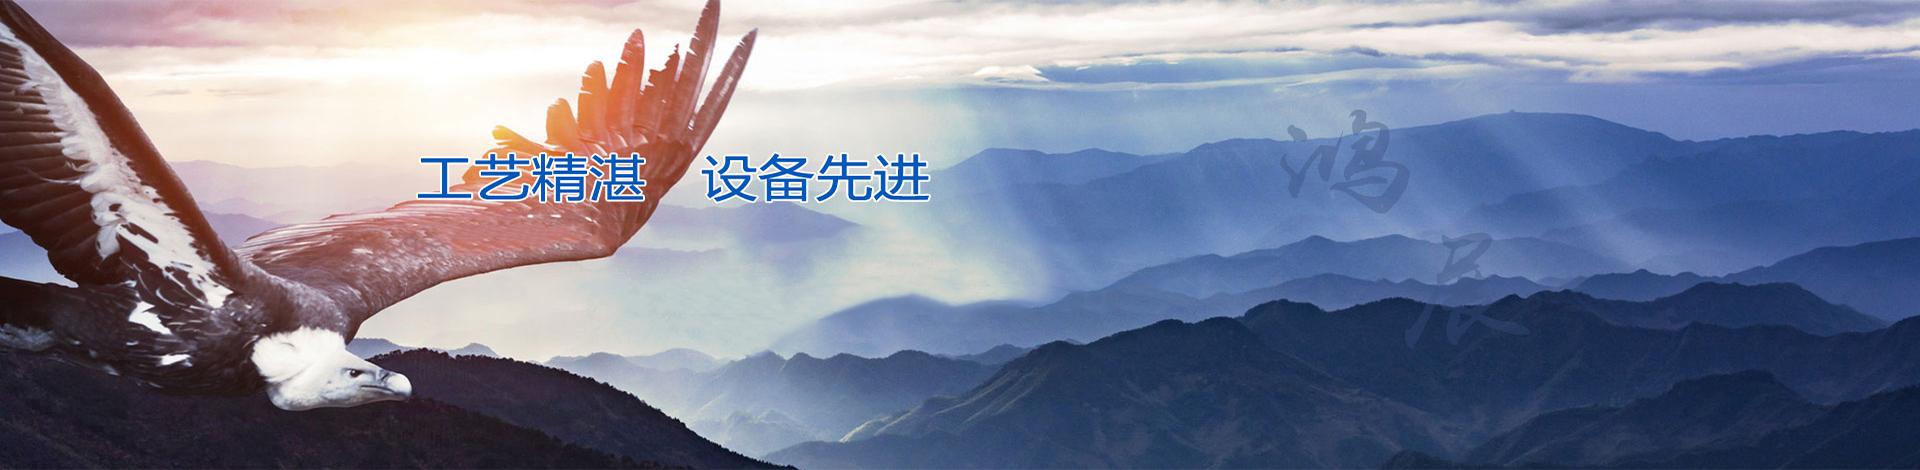 安平县鸿展金属丝网制品有限公司